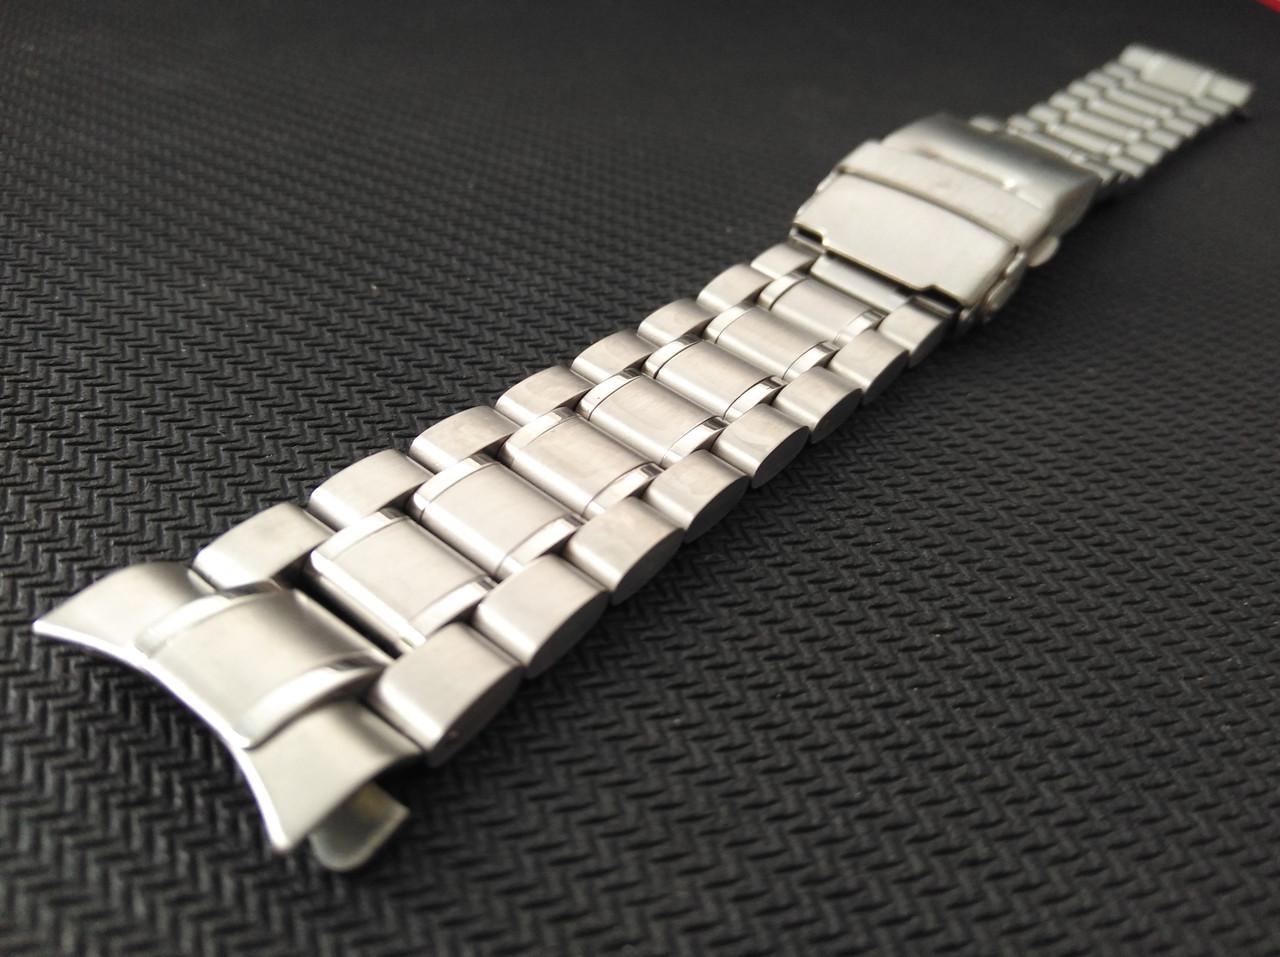 Браслет для часов Casio BEM-501 из нержавеющей стали, литой, глянец/мат. Заокругленное окончание.  20 мм